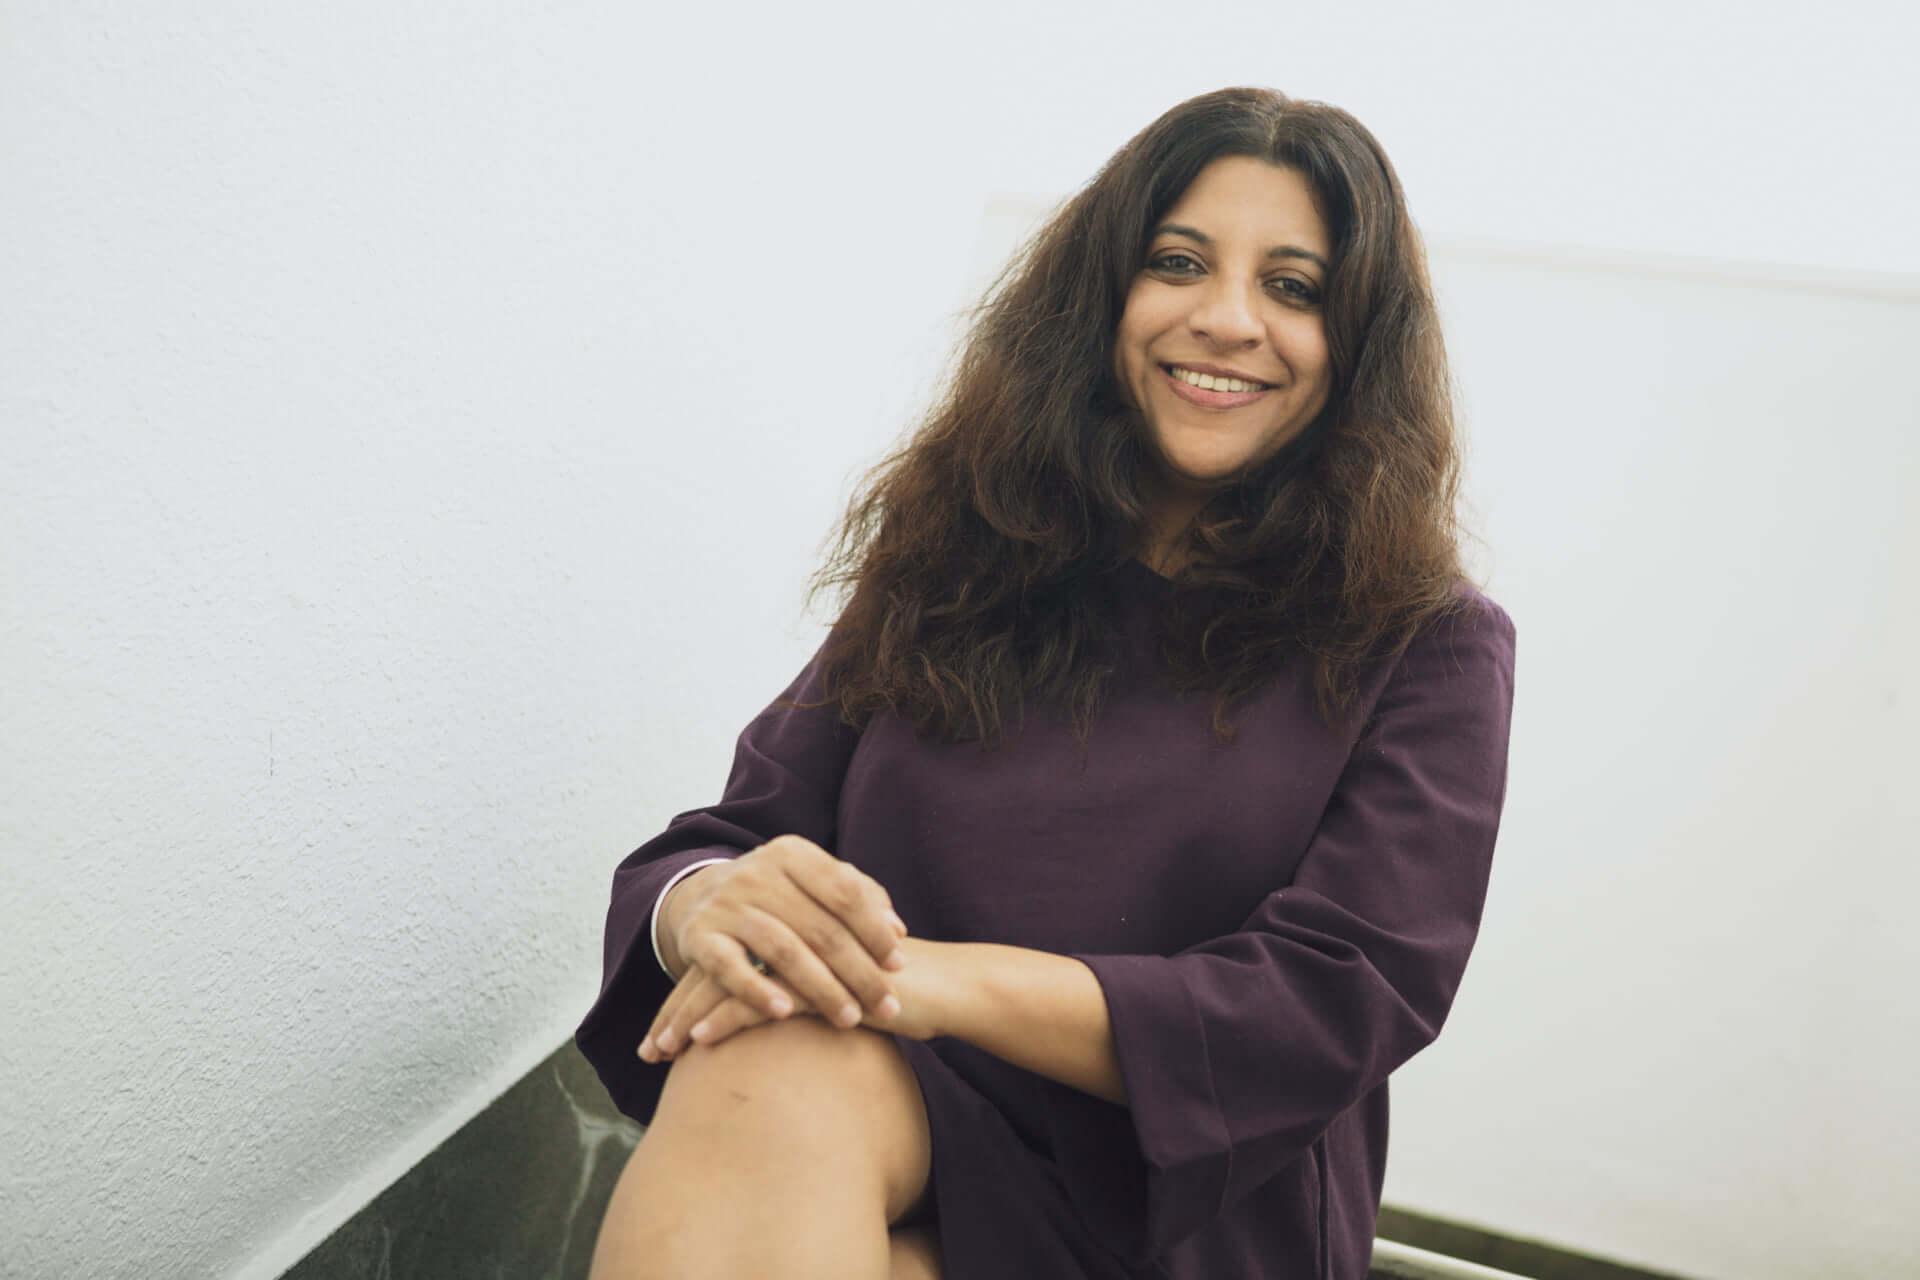 映画『ガリーボーイ』ゾーヤー・アクタル監督インタビュー|インドで誰もが共感するヒップホップ映画が誕生するまで interview1002_garryboy_3307-1920x1280